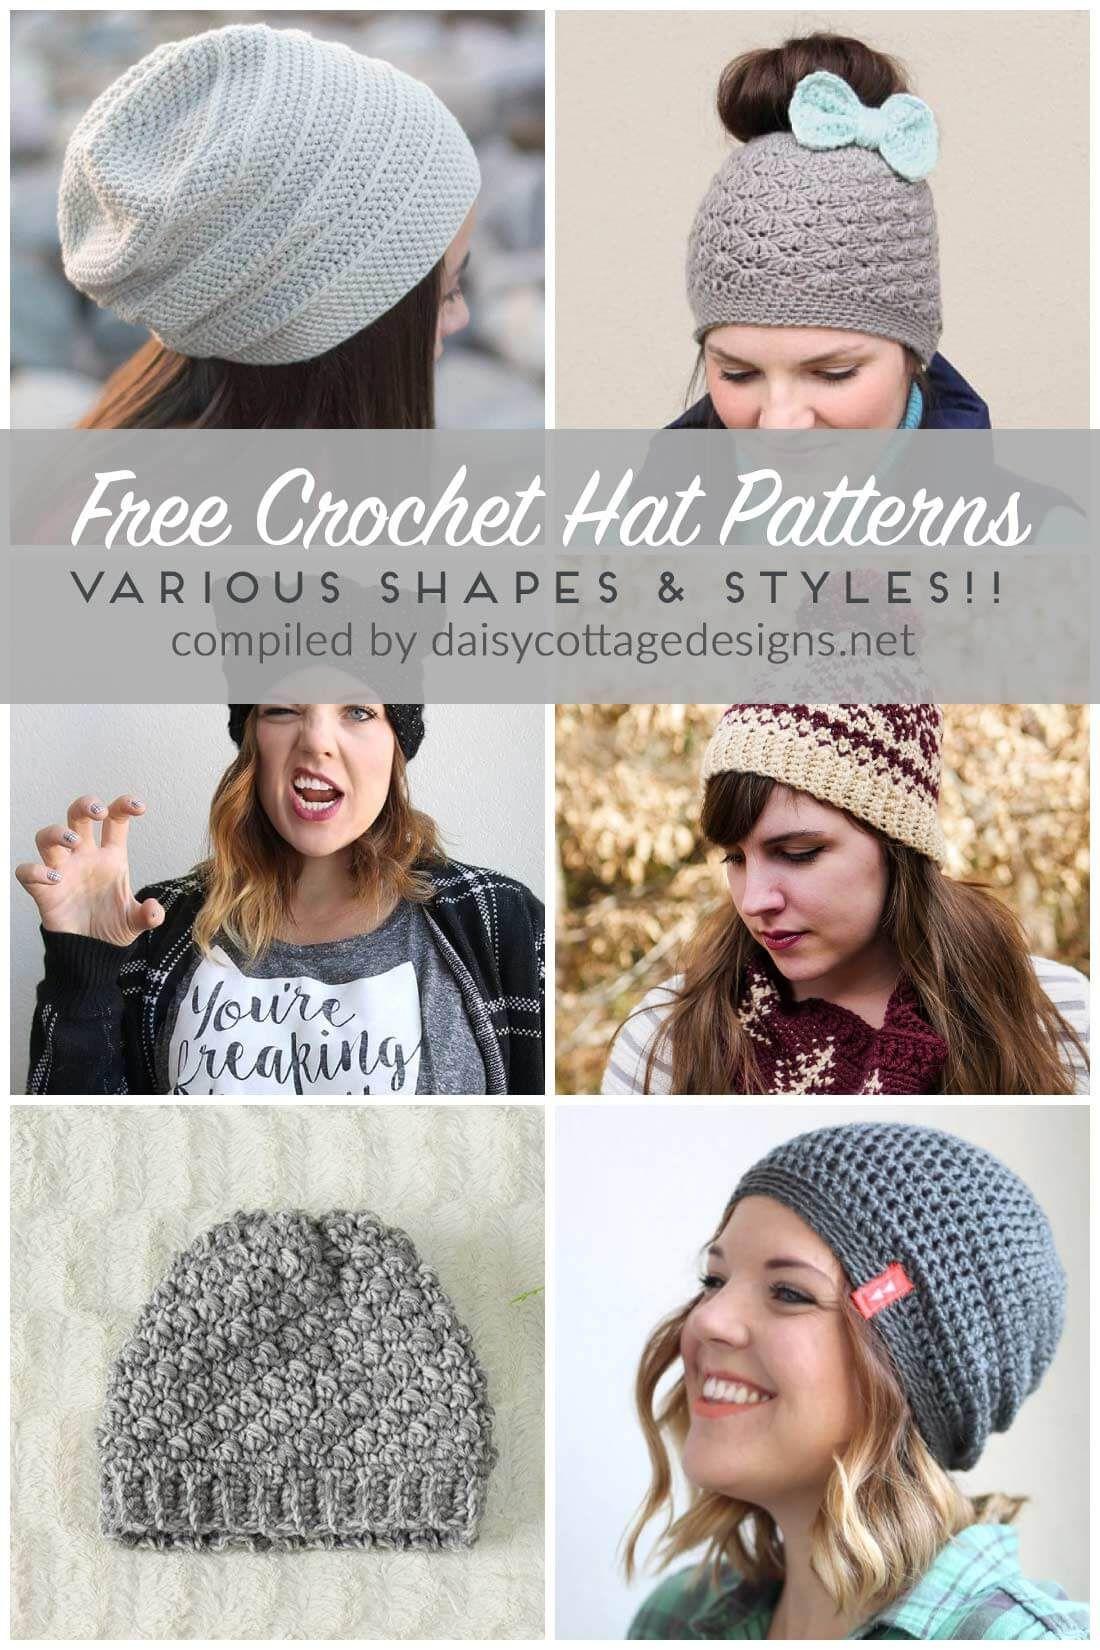 705aae35217 Free Crochet Hat Patterns